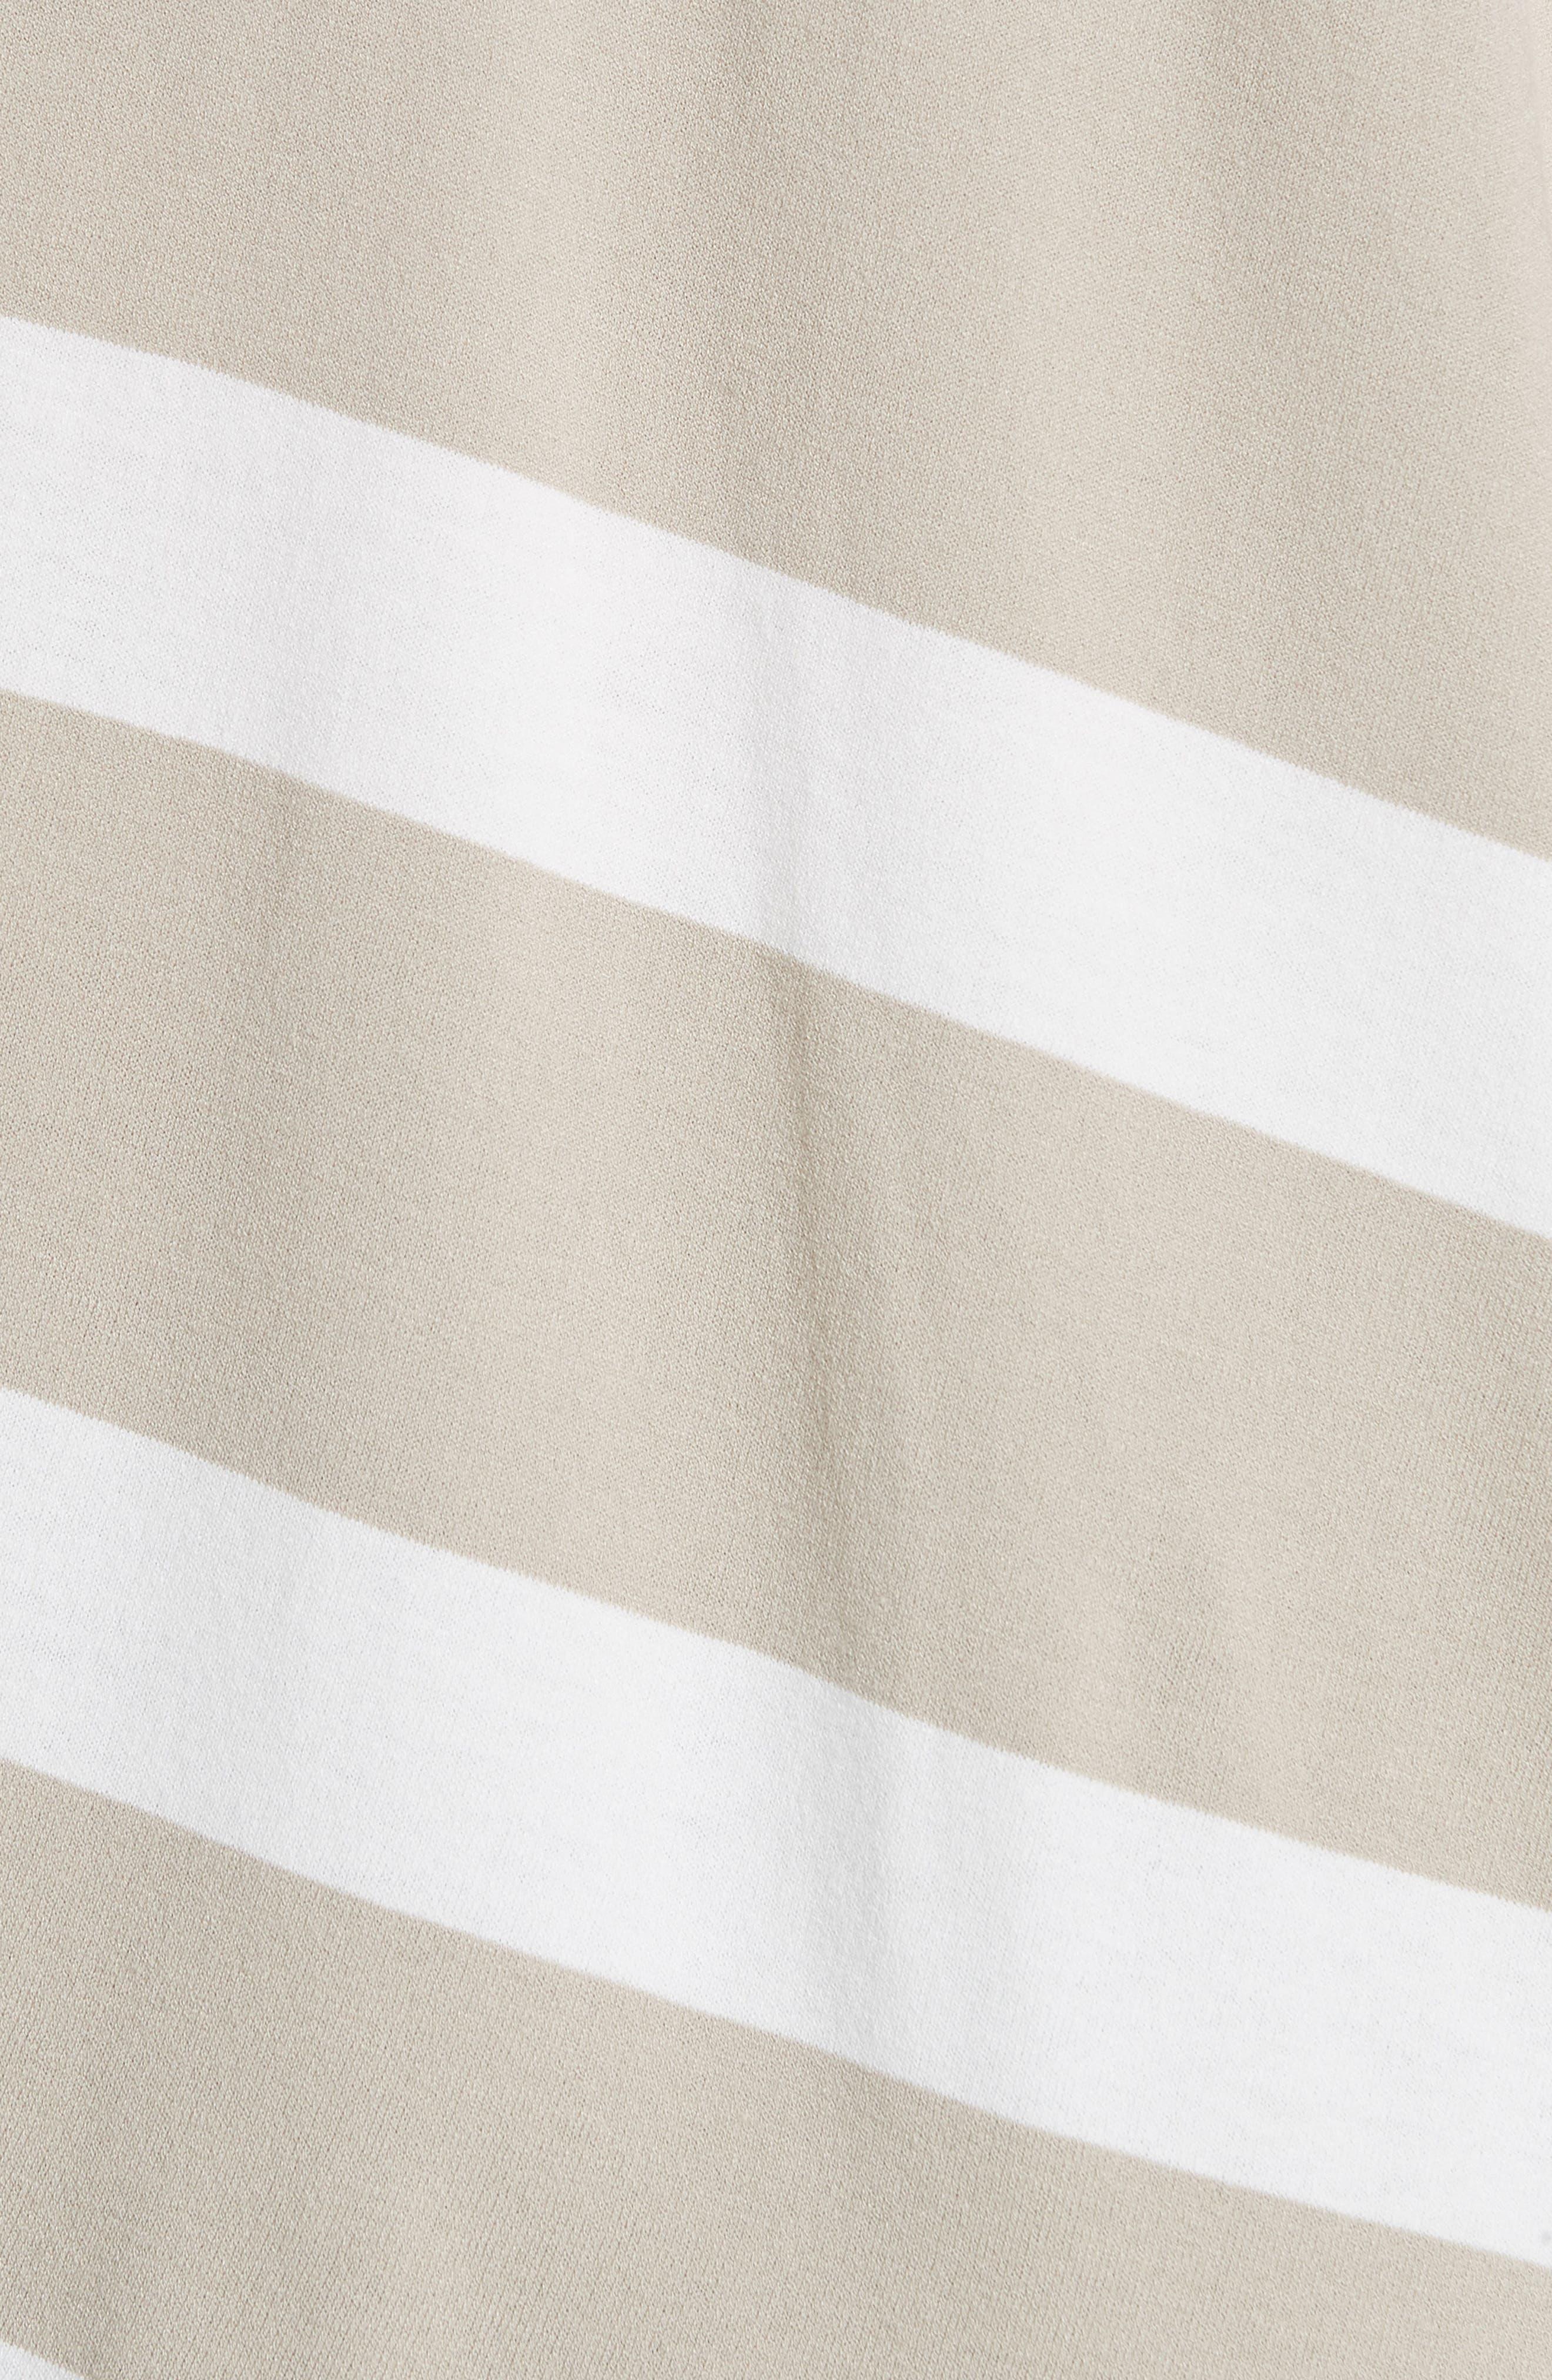 Stripe Sweater,                             Alternate thumbnail 5, color,                             Khaki/ Cloud